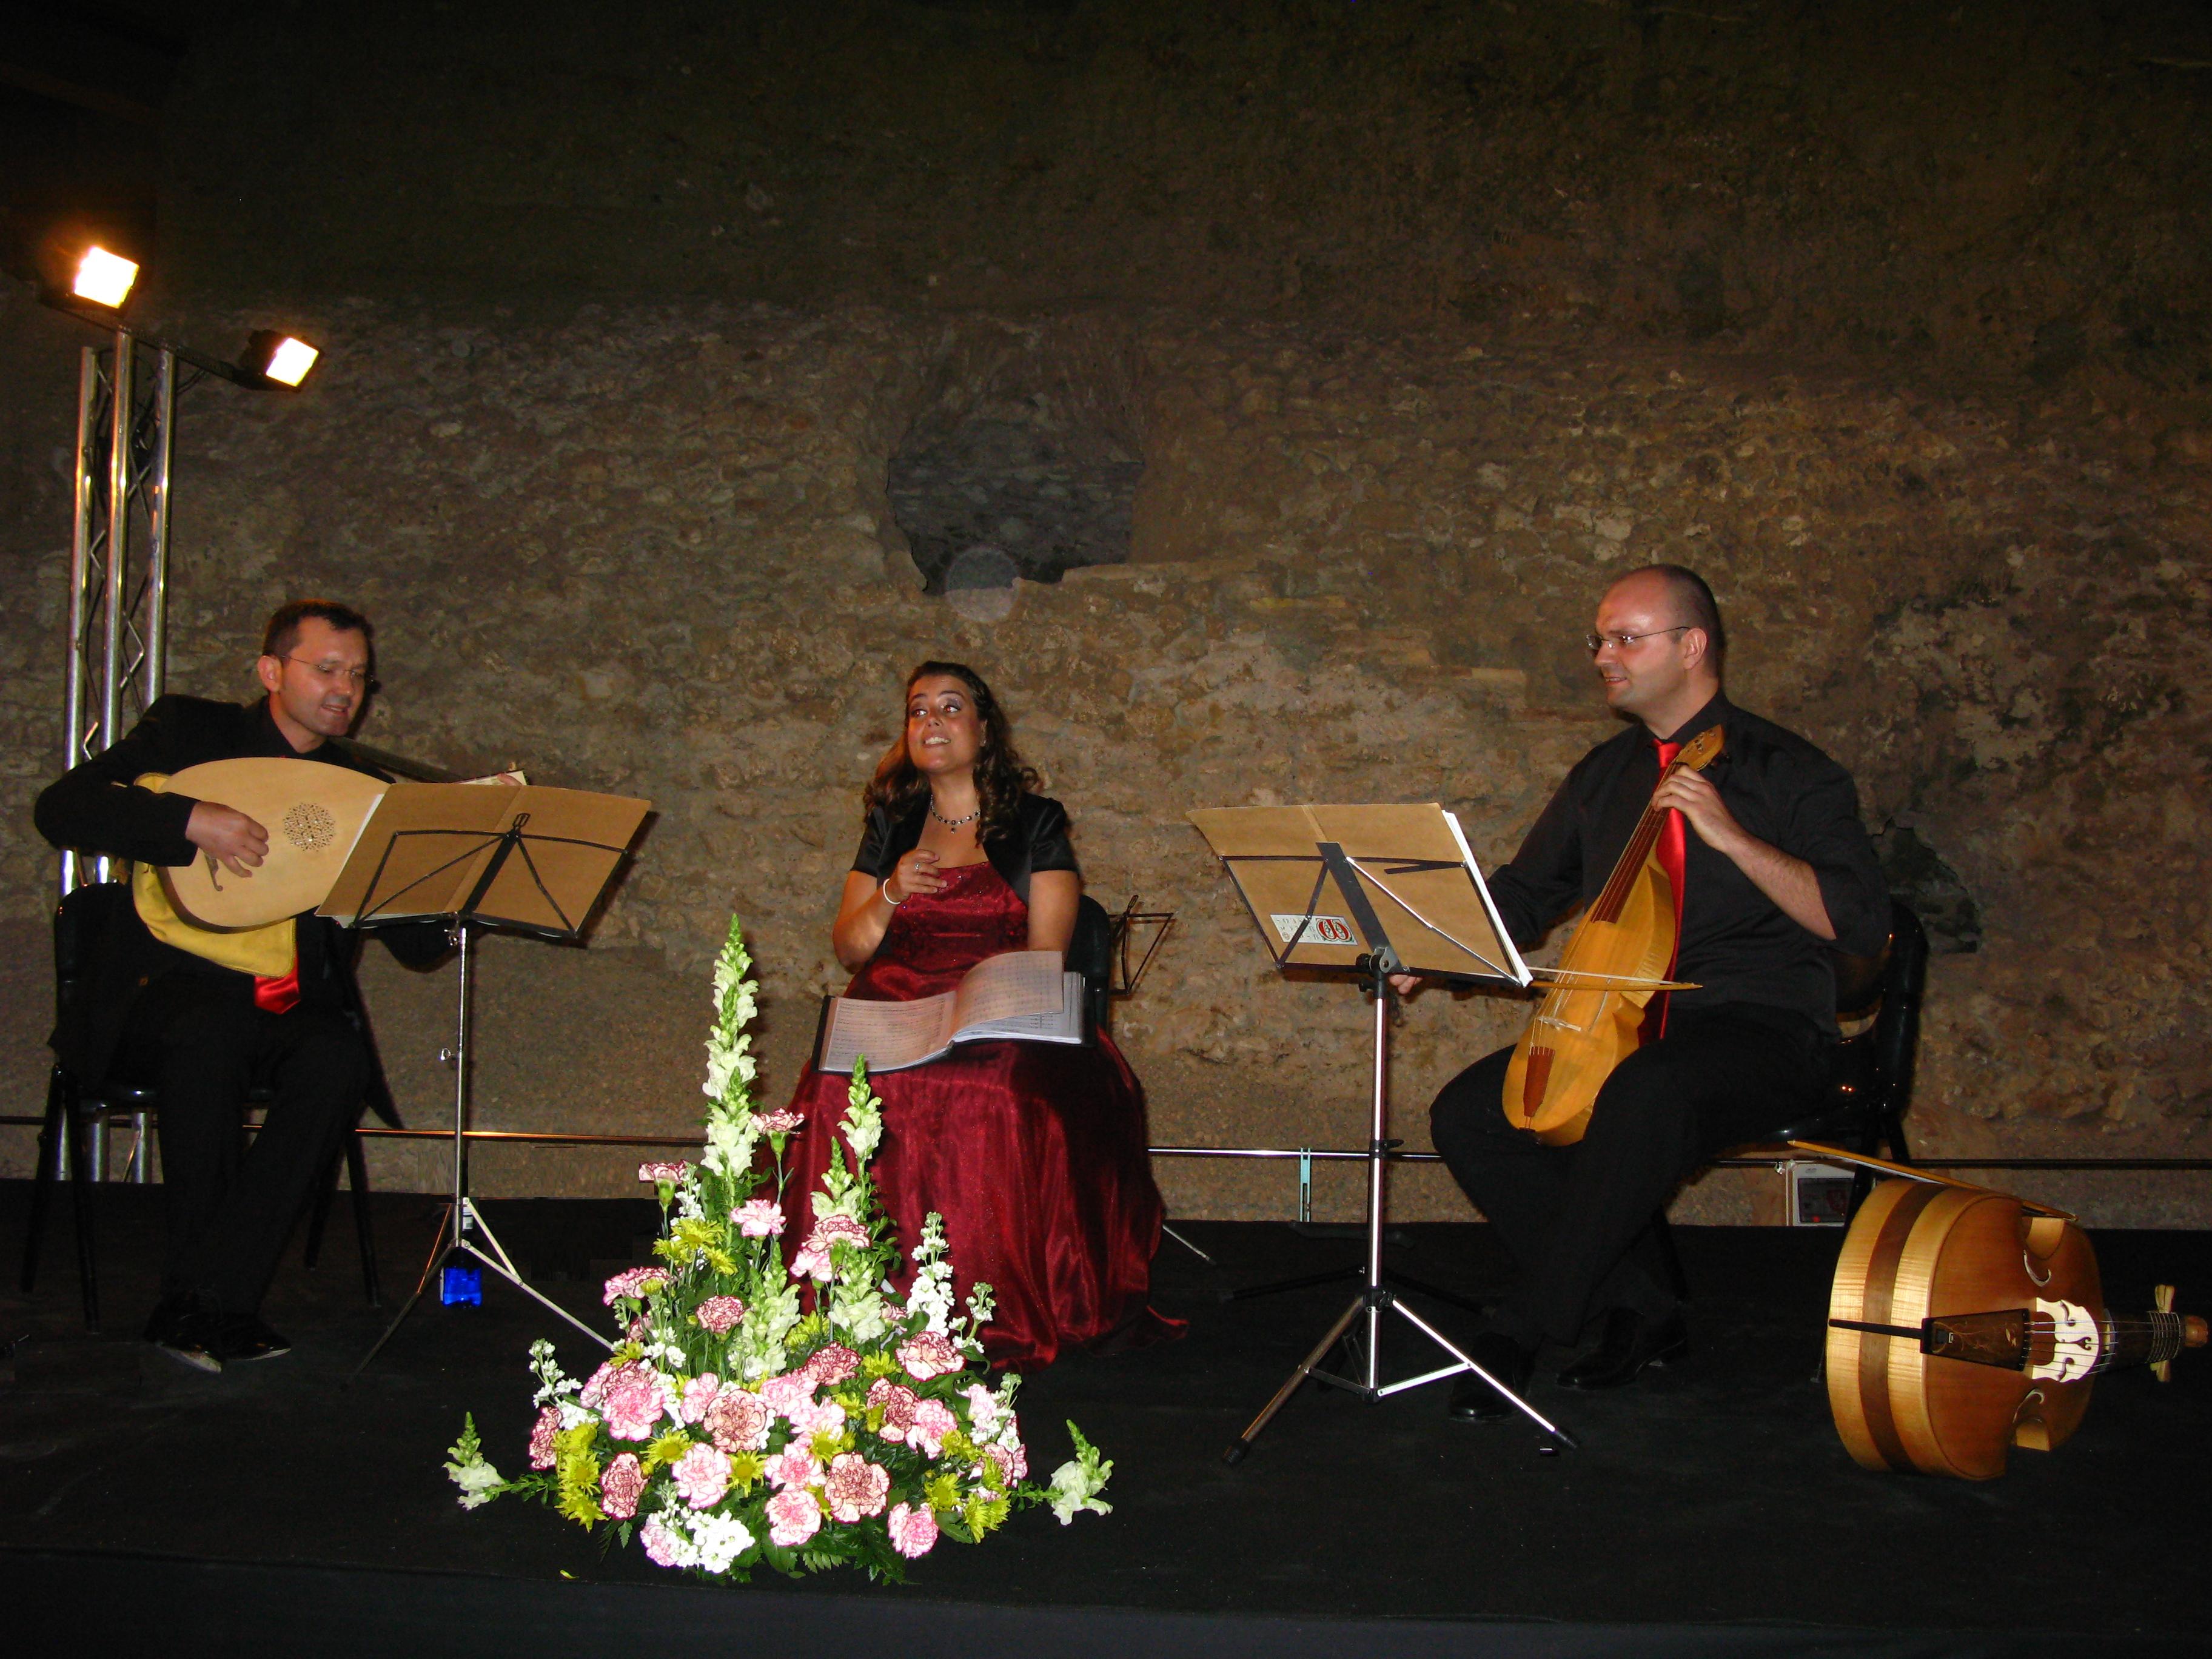 XVIII-festival-de-musica-en-el-museo-del-foro-romano